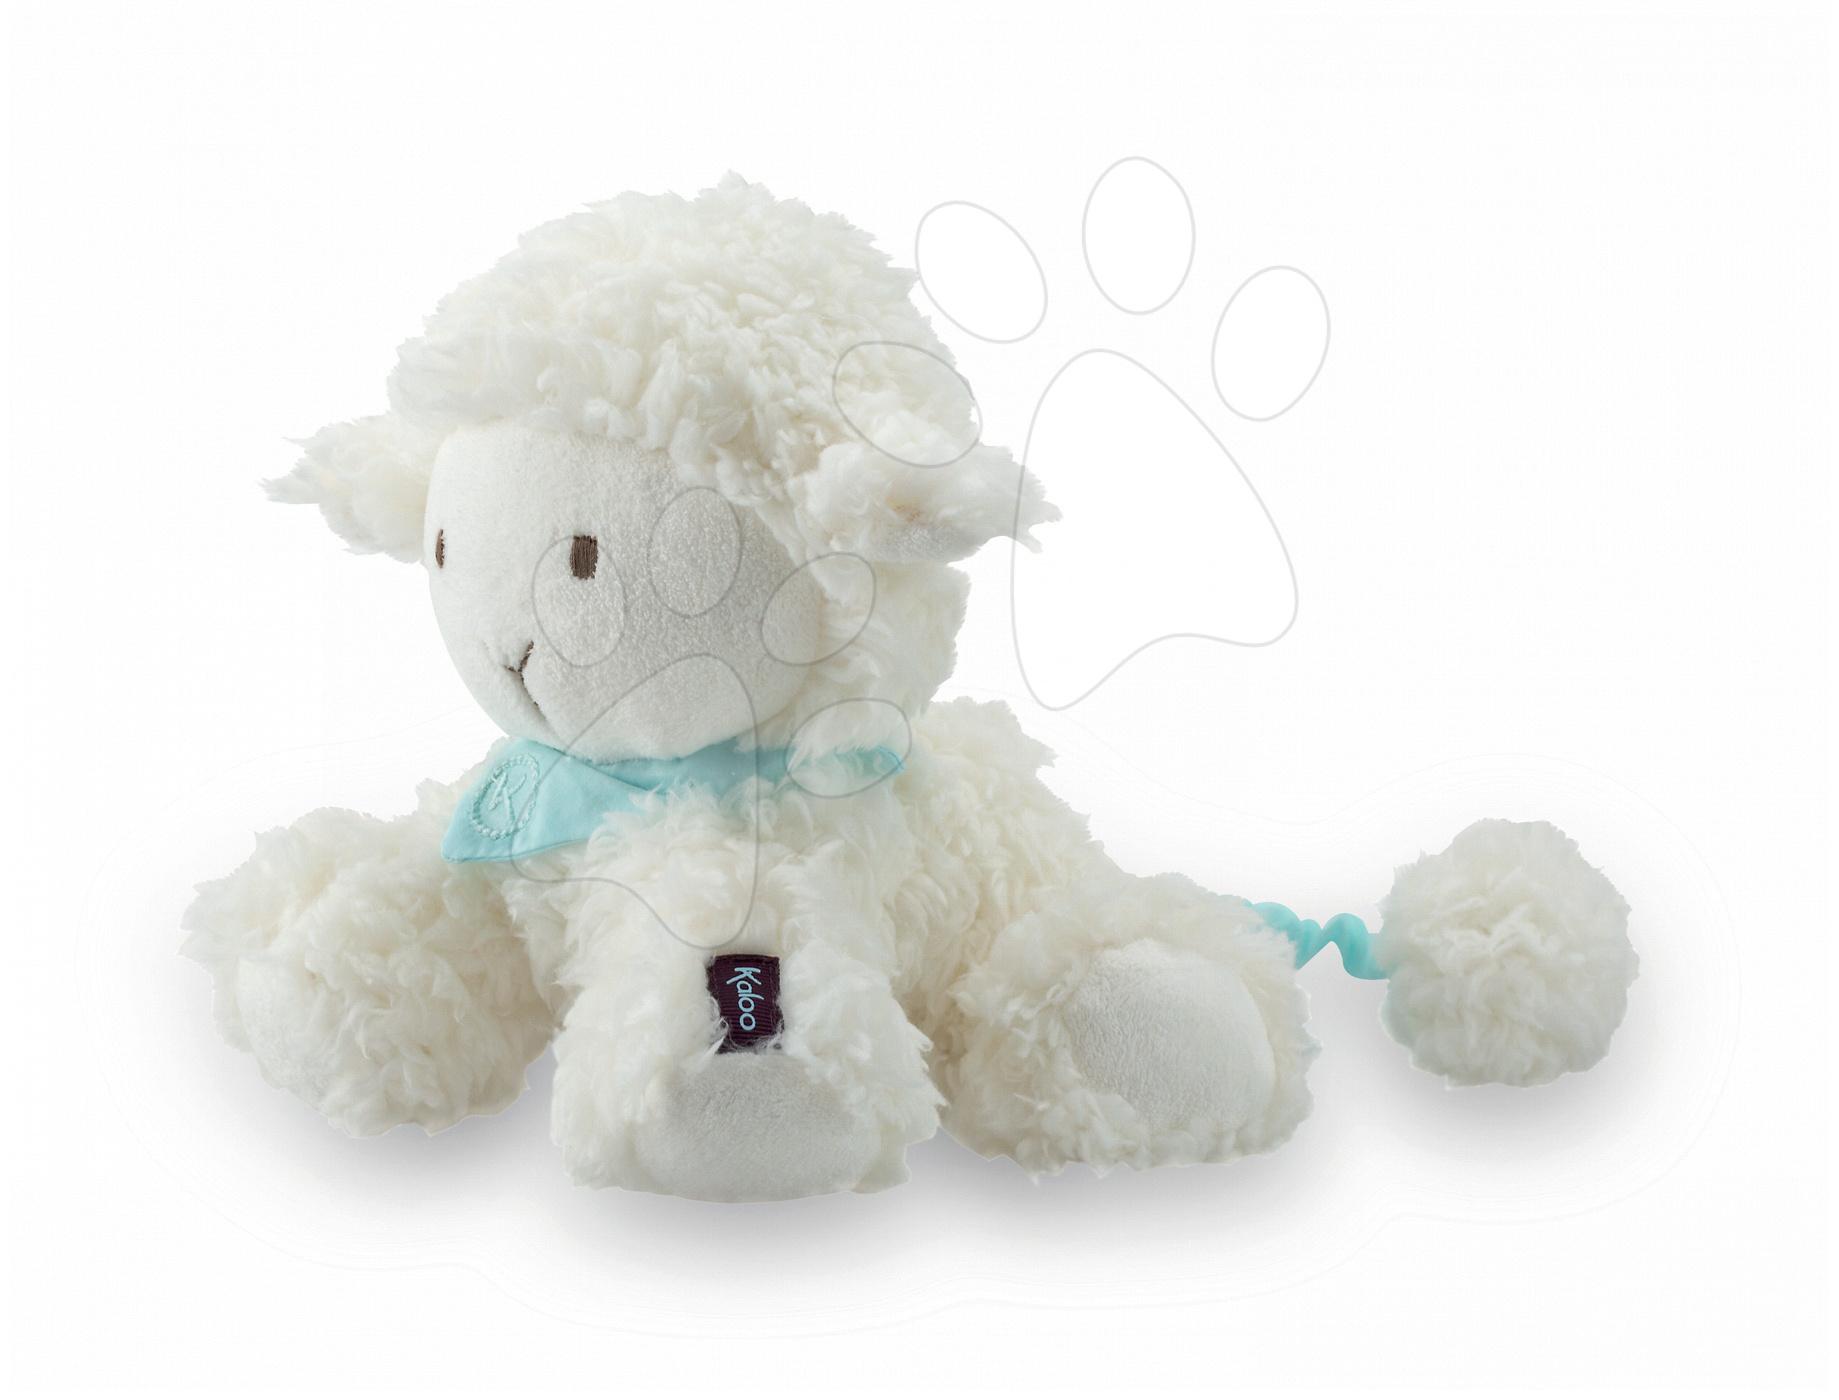 Plyšová ovečka Les Amis-Vanille Lamb Kaloo spievajúca 25 cm v darčekovom balení pre najmenších